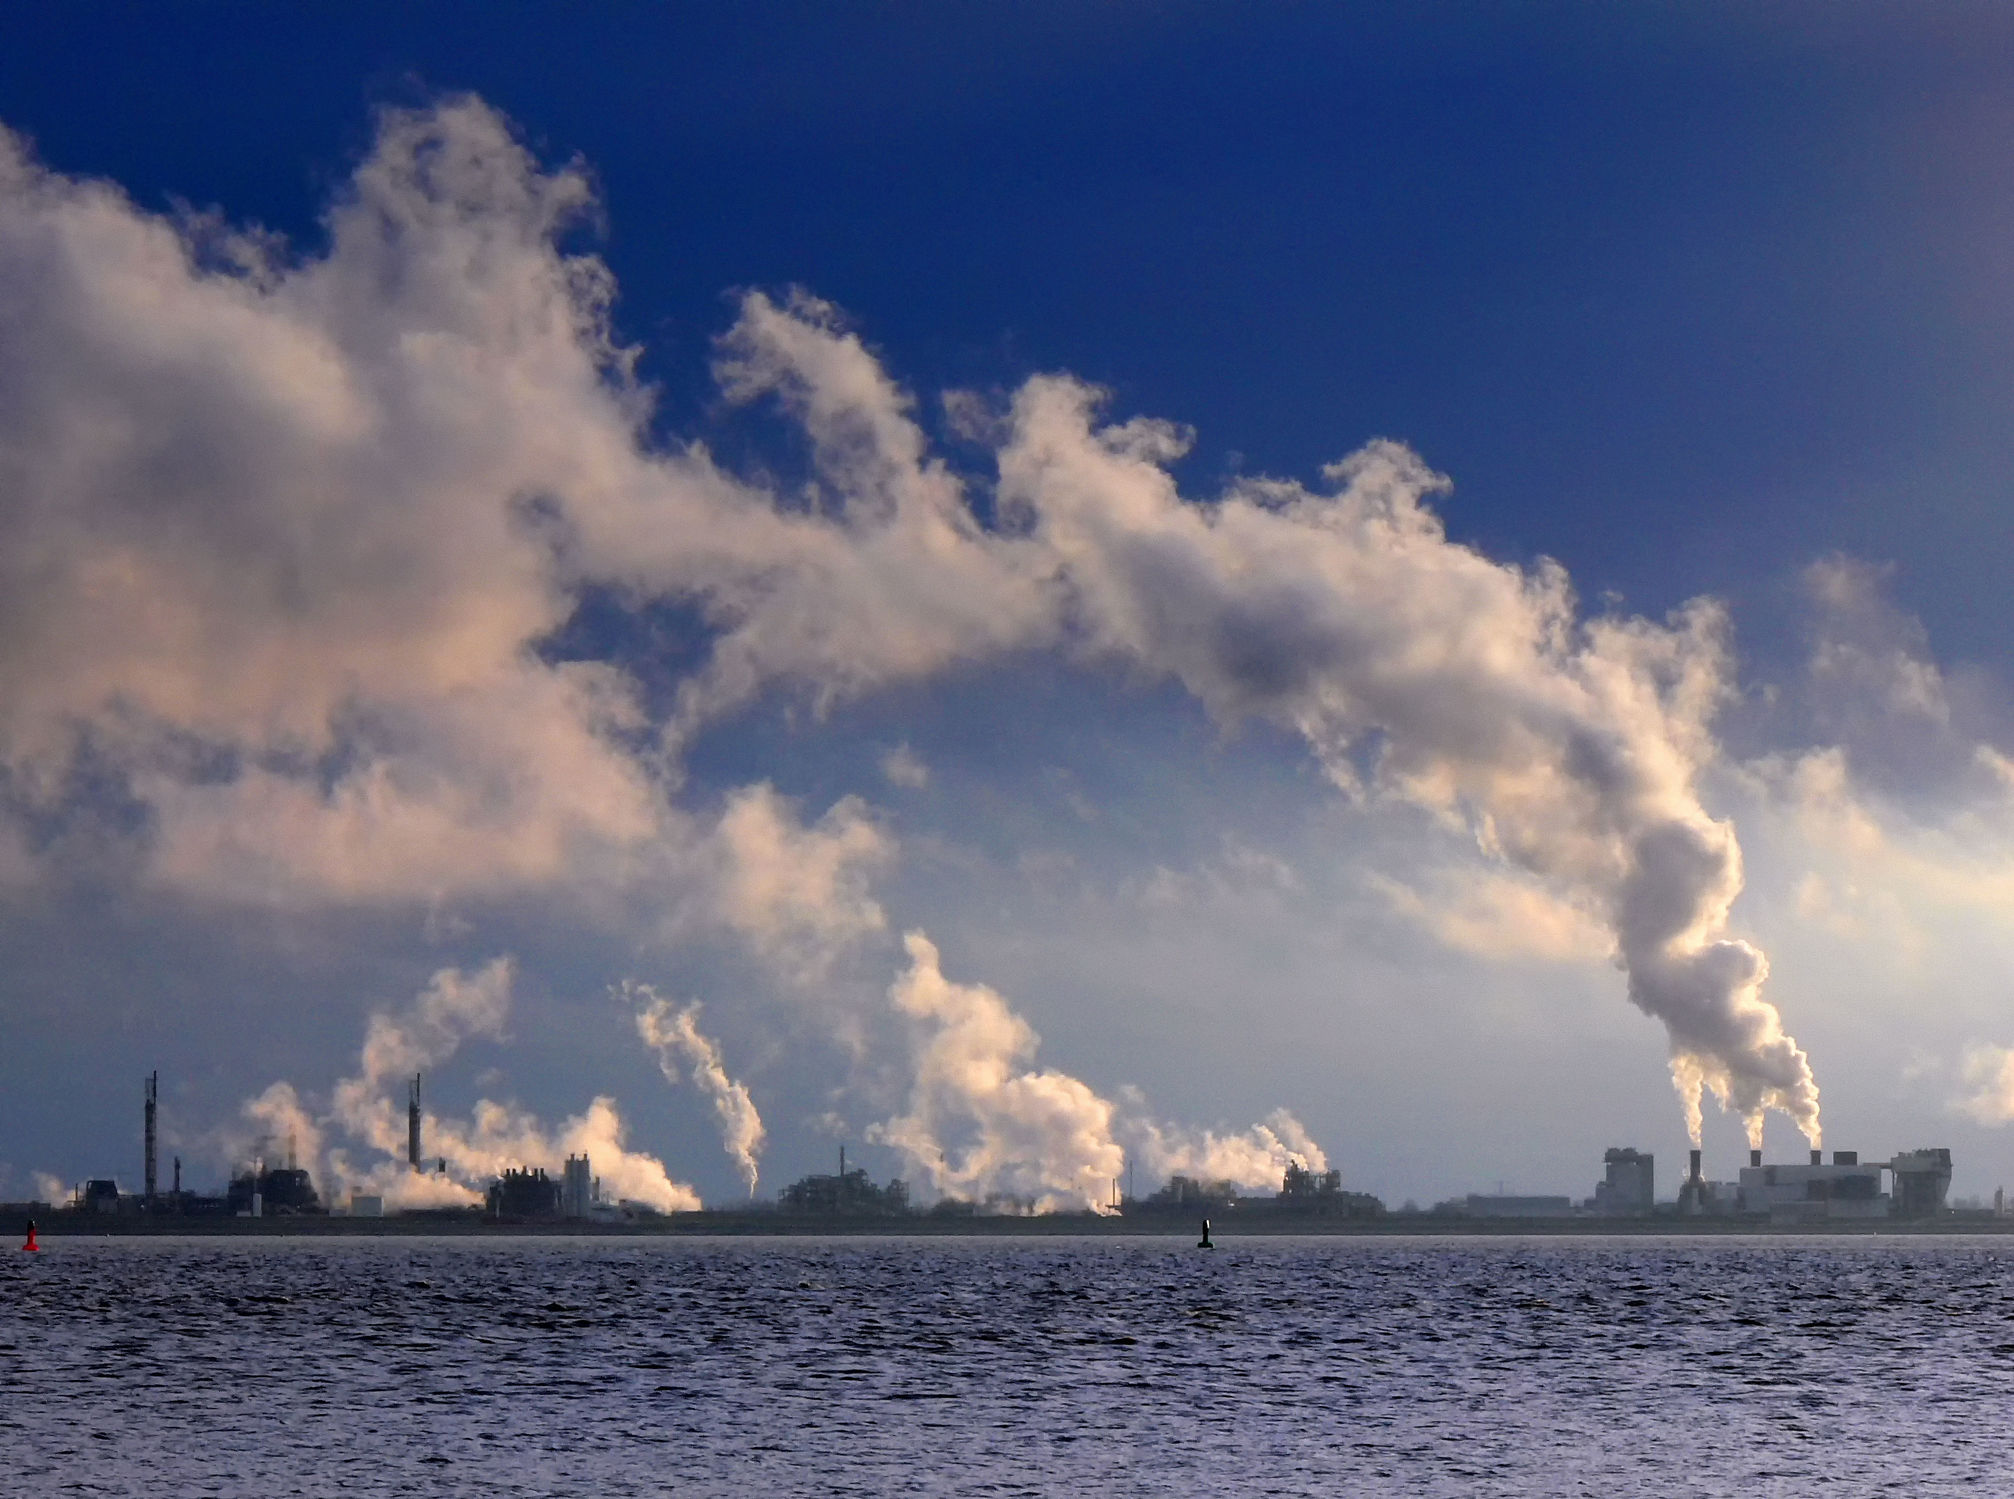 Bild mit Wasser, Himmel, Emden, Ostfriesland, Dollart, Ems, Holland, Rauchgase, Wasserdampf, Kraftwerke, Industriegebiet, Knock